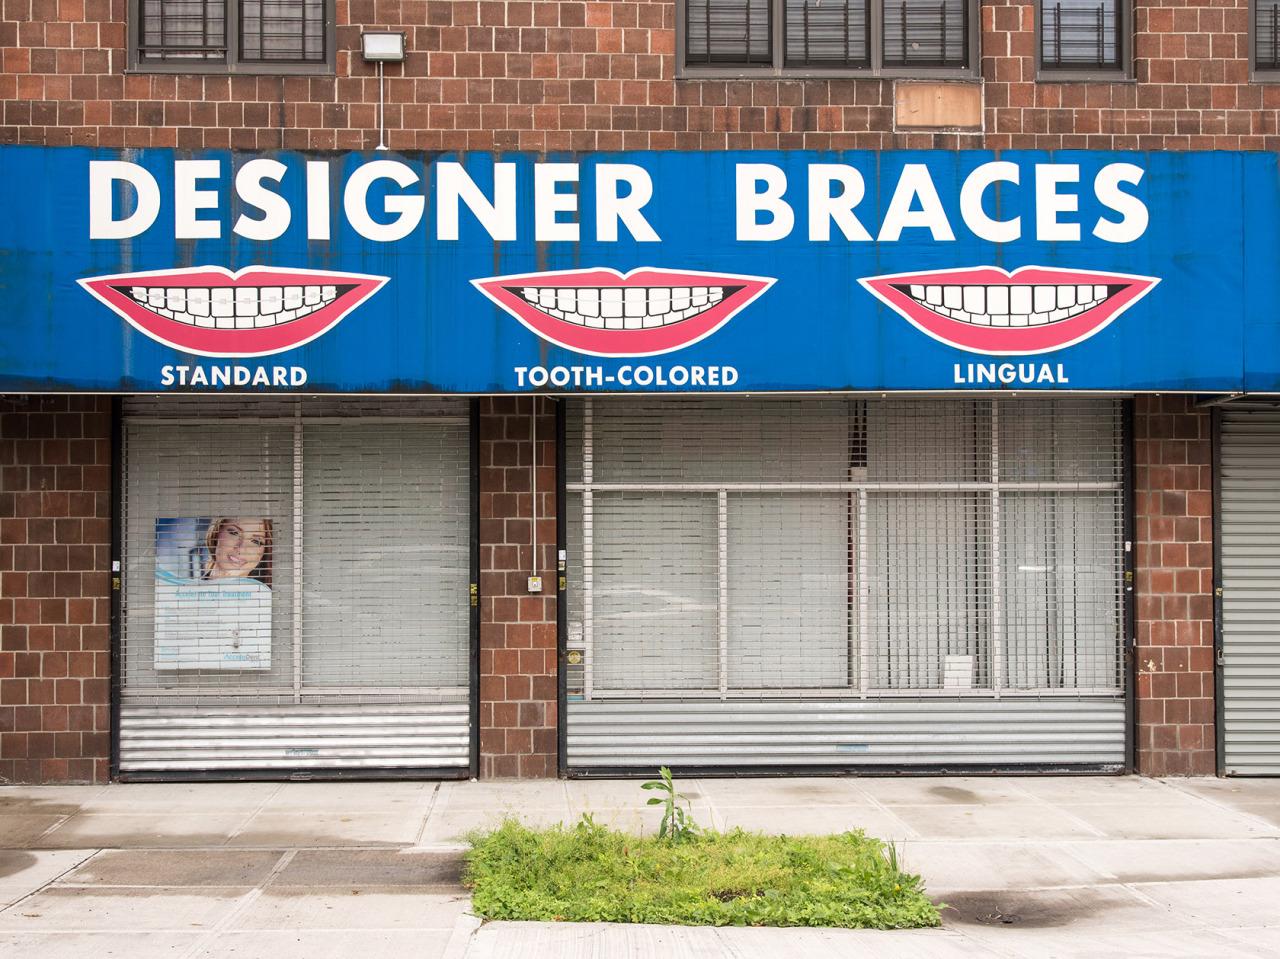 Designer Braces Brooklyn, NYC